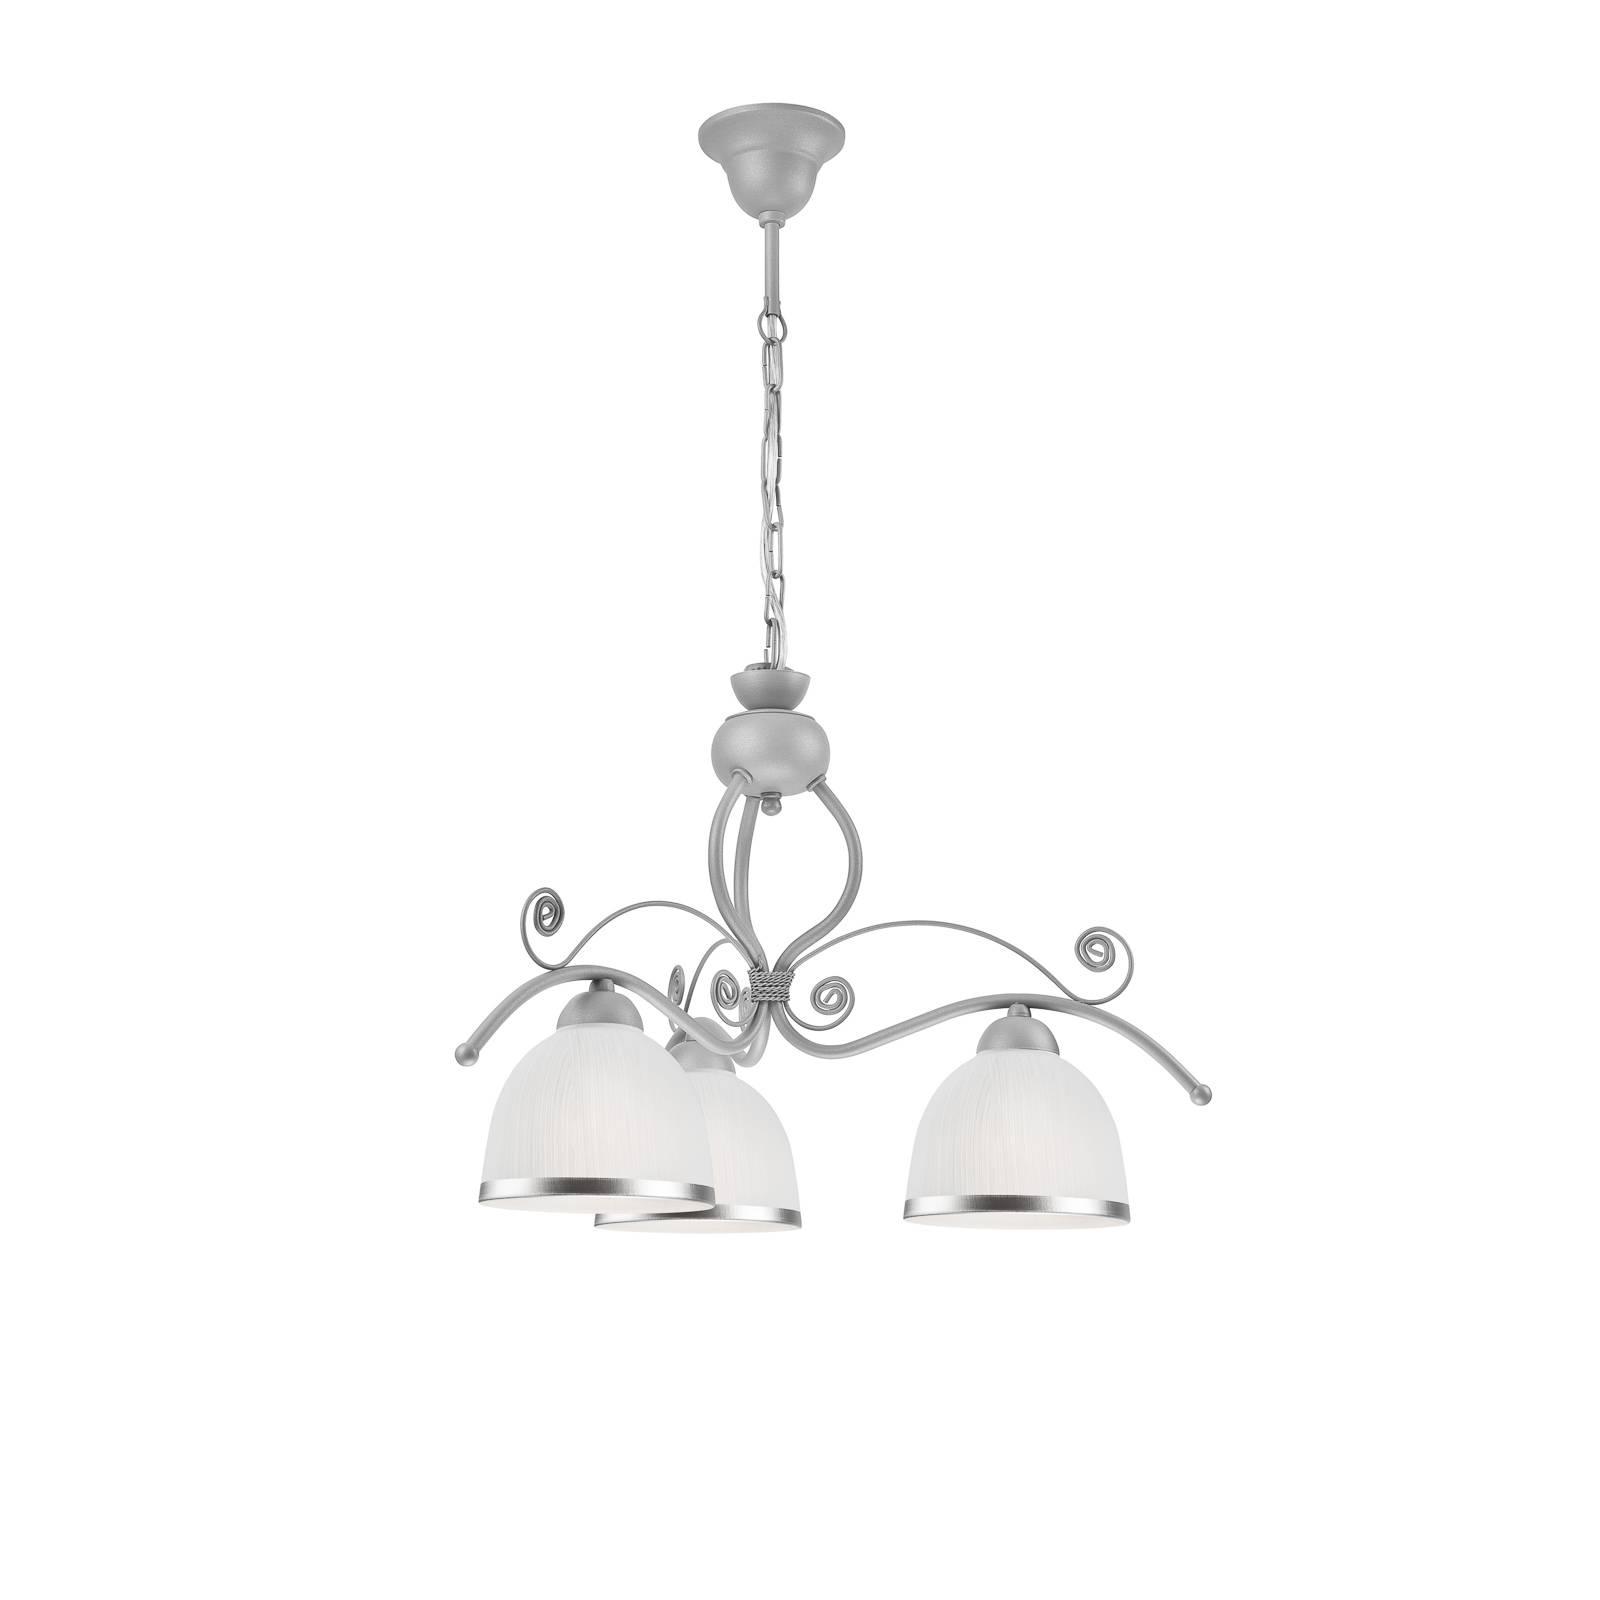 Suspension Roma en blanc et argenté, à 3 lampes